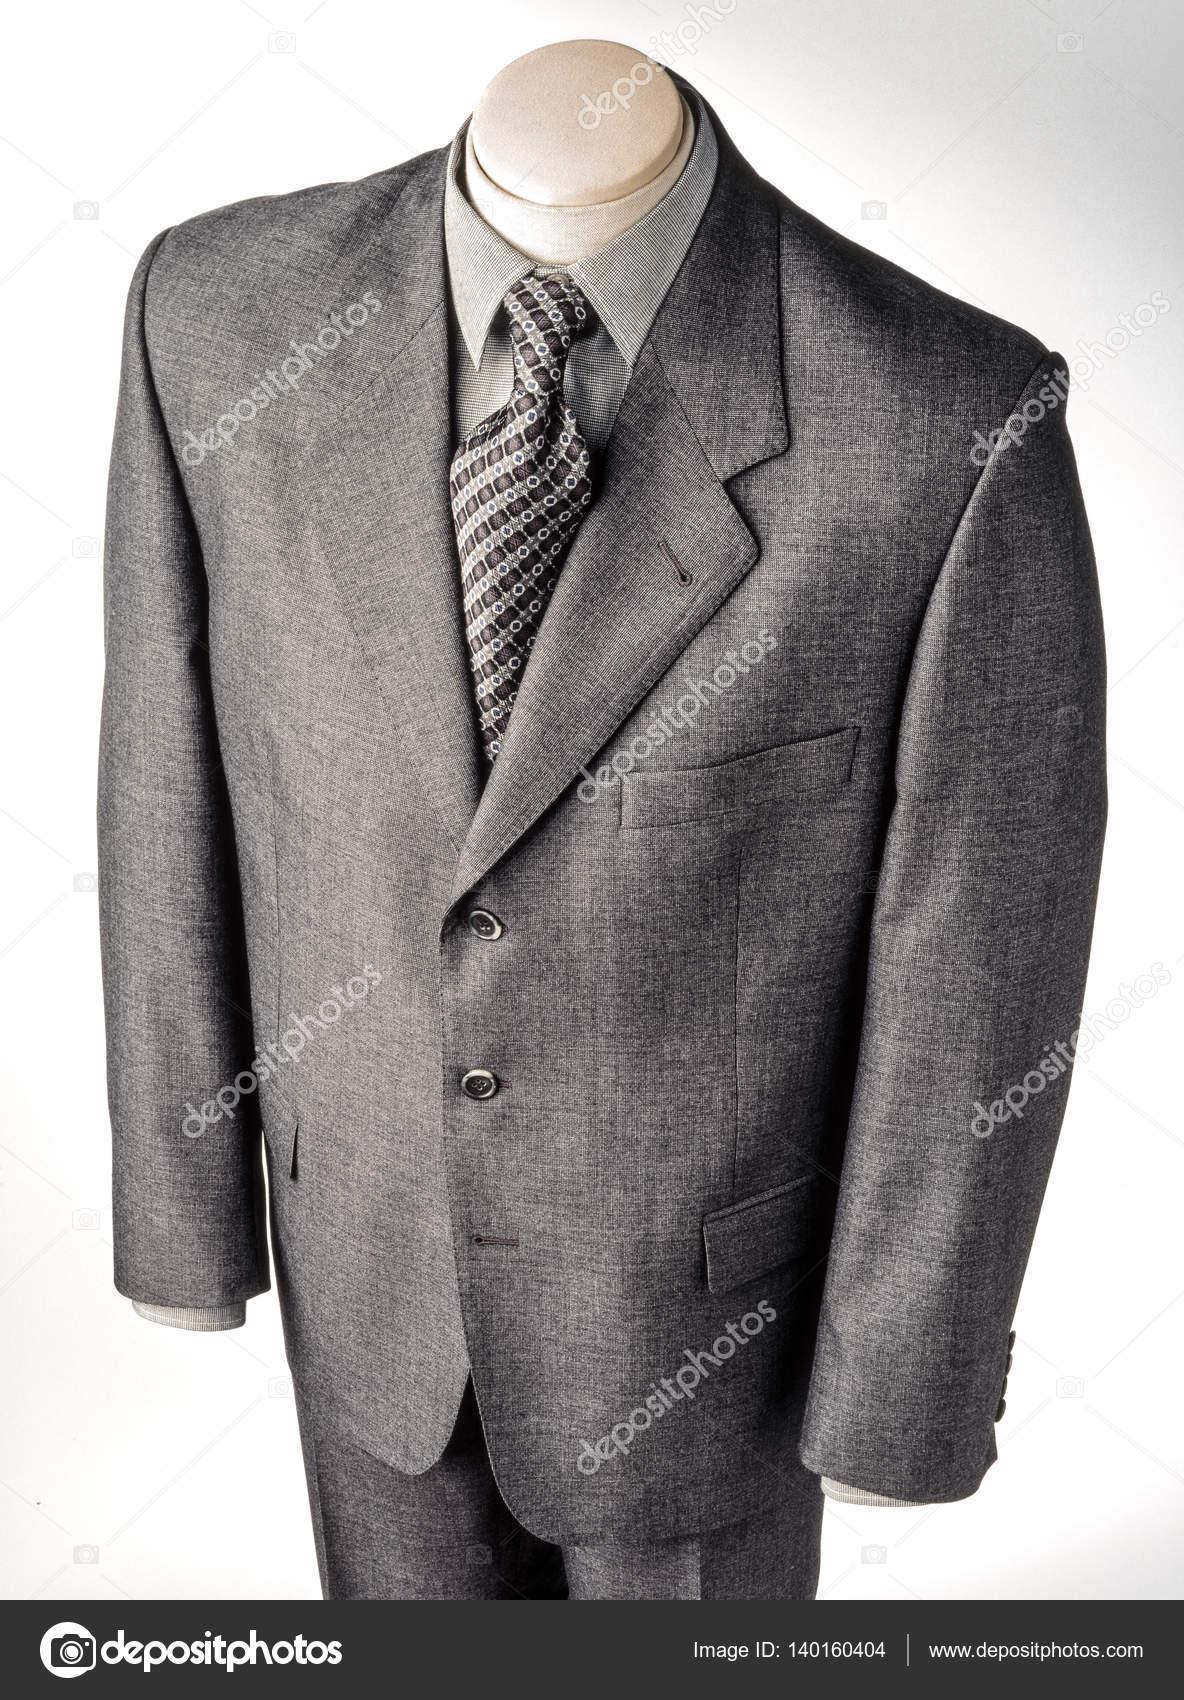 a11be874af1e Terno cinza de tamanho grande para homem no manequim, isolado — Fotografia  por estudiosaavedra